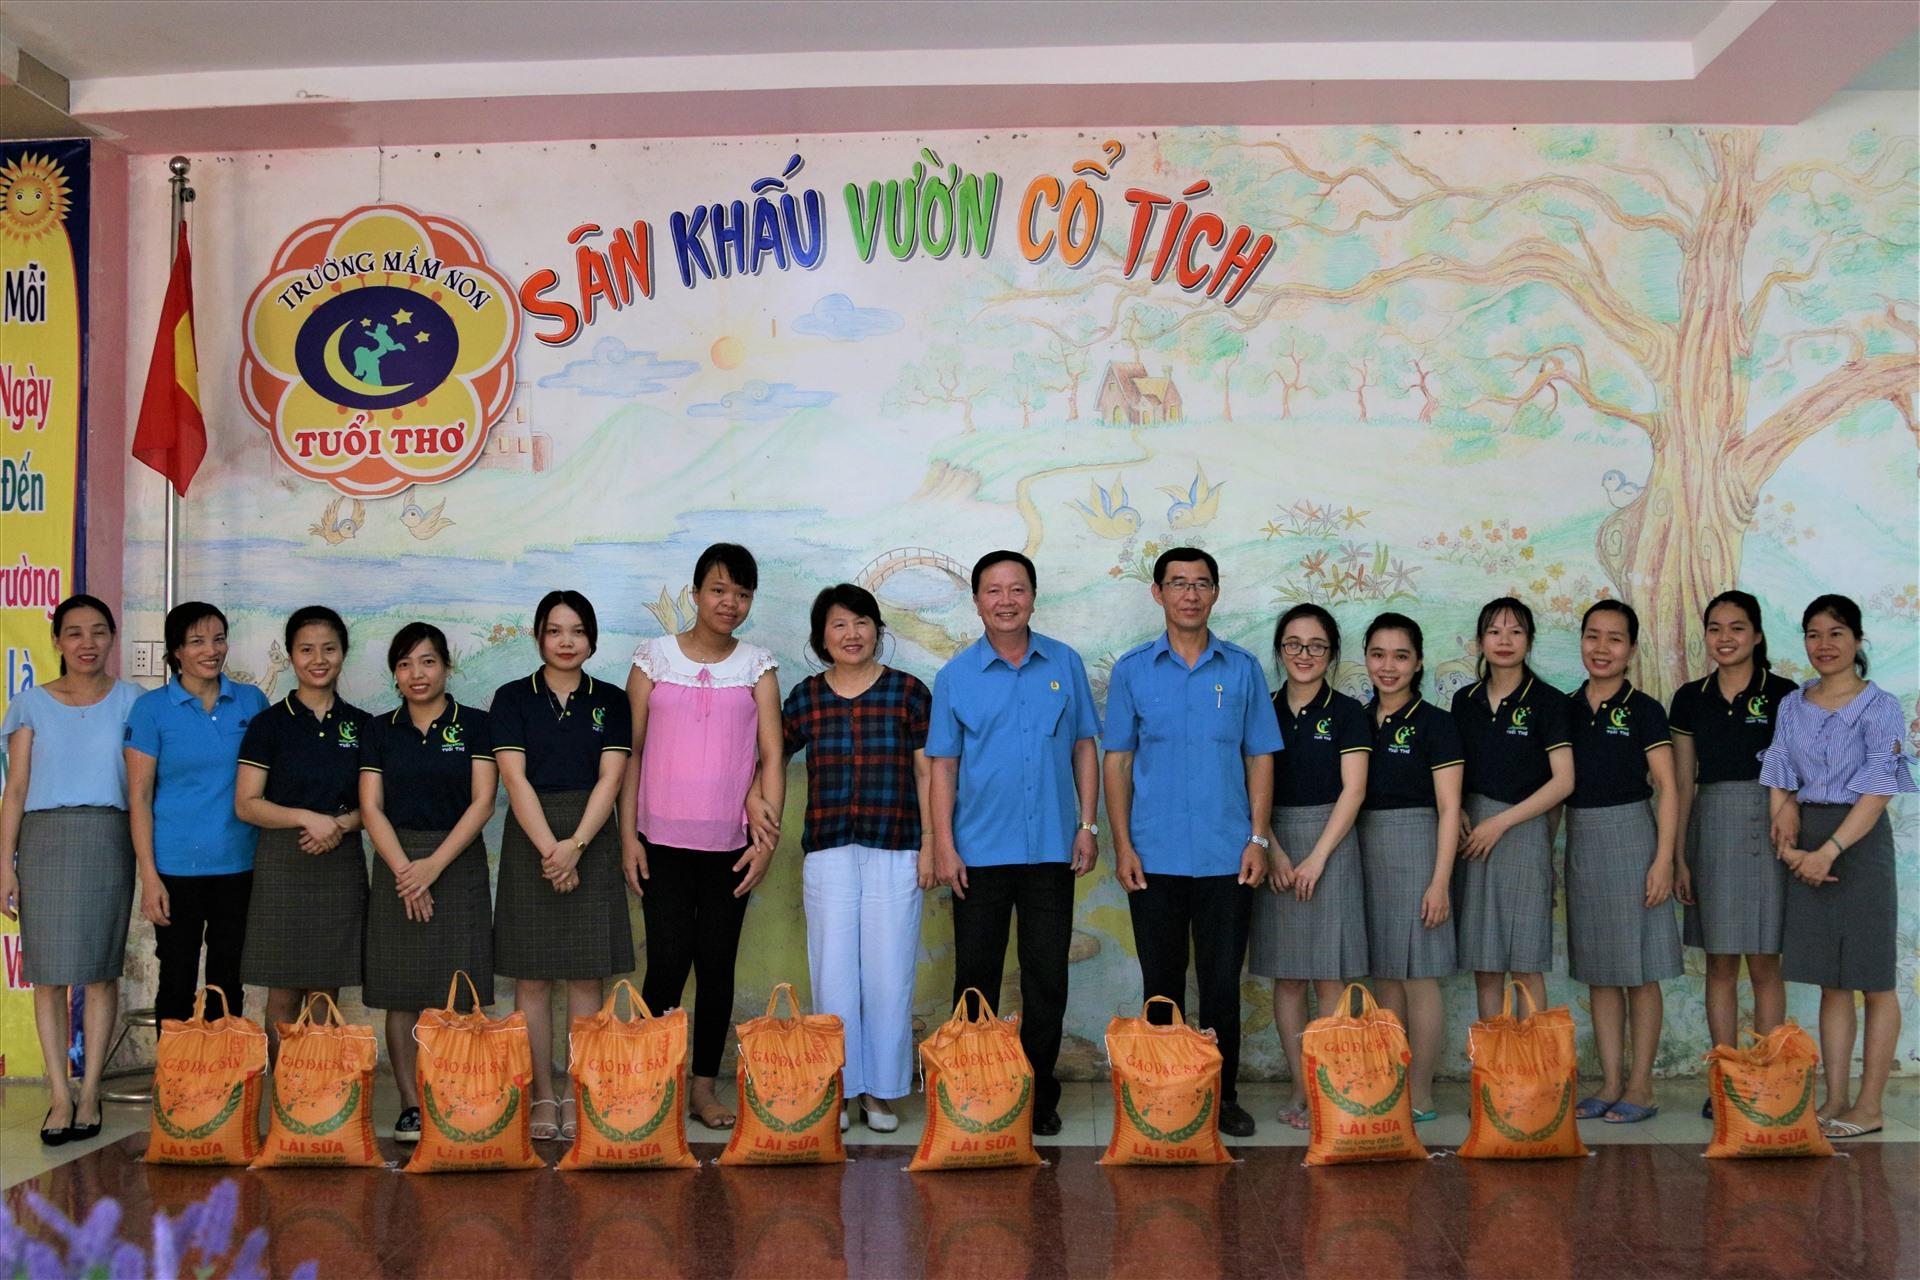 Lãnh đạo LĐLĐ tỉnh Gia Lai tặng quà cho những giáo viên có hoàn cảnh khó khăn. Ảnh: Bảo Trung